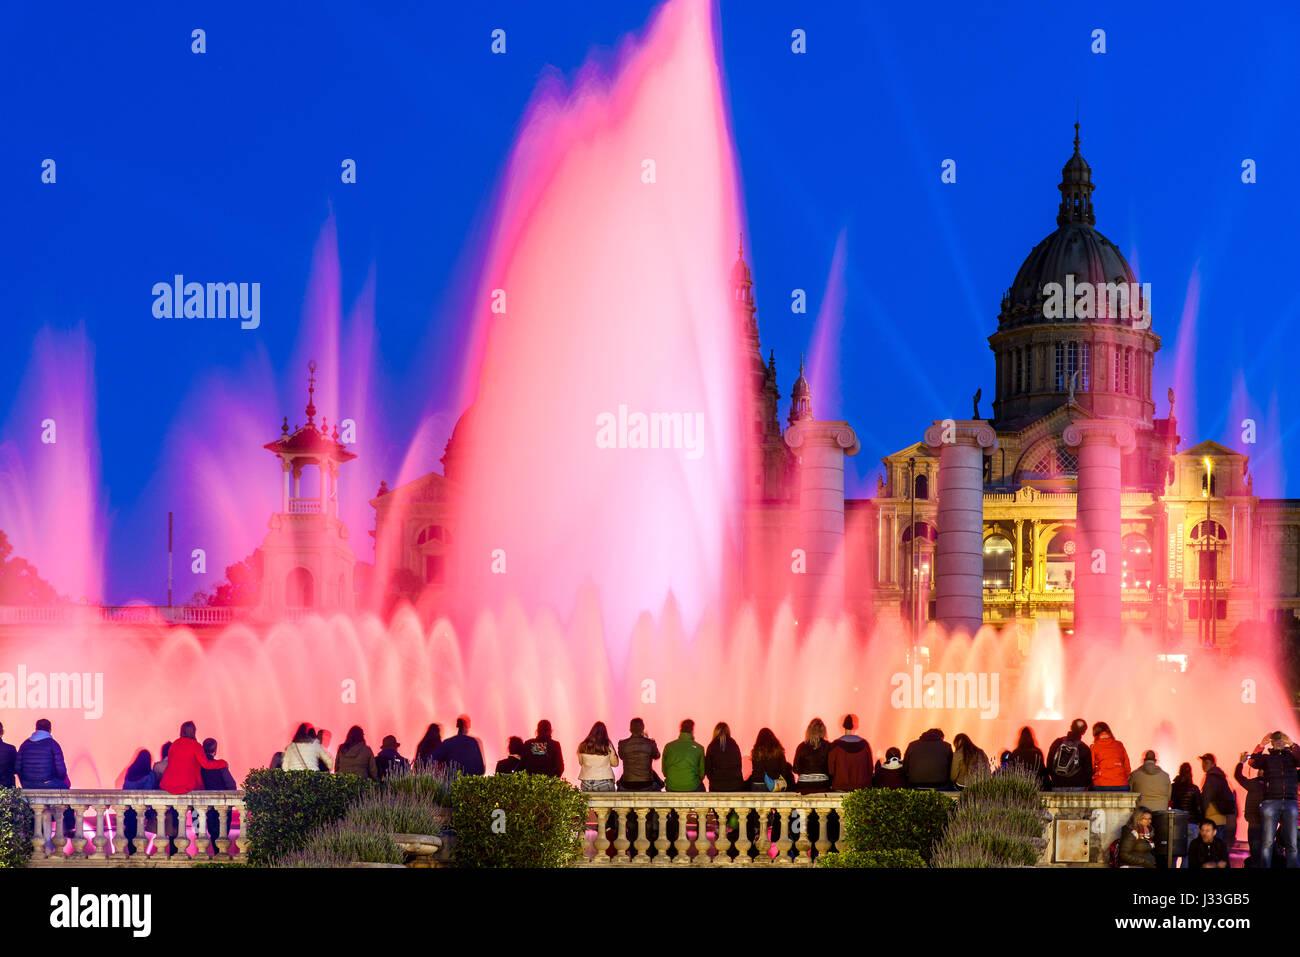 Luz de noche show en Fuente Mágica o la Fuente Mágica, Barcelona, Cataluña, España Foto de stock